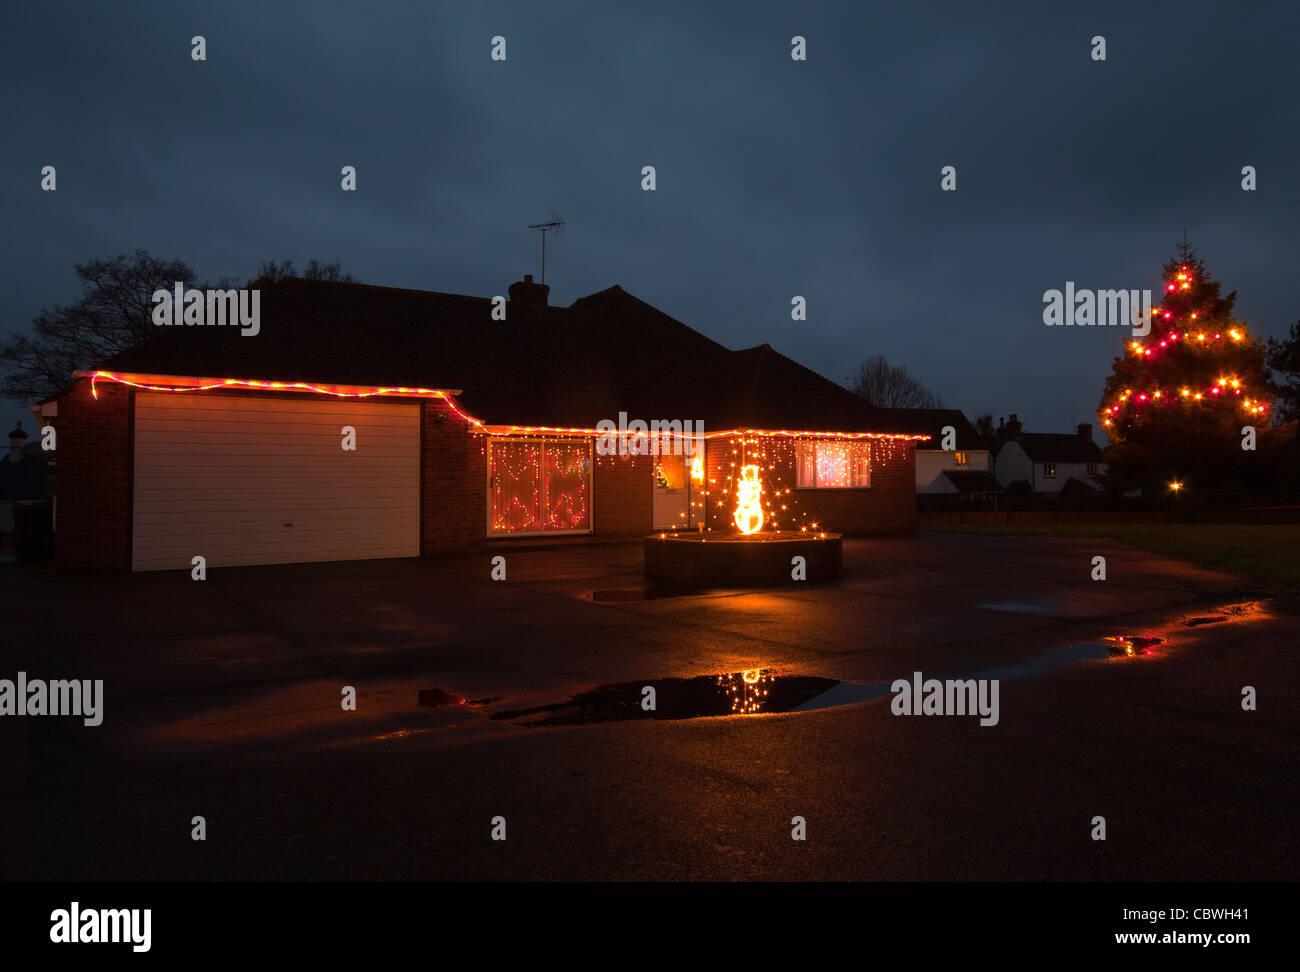 L esterno di una casa illuminata con le luci di natale al